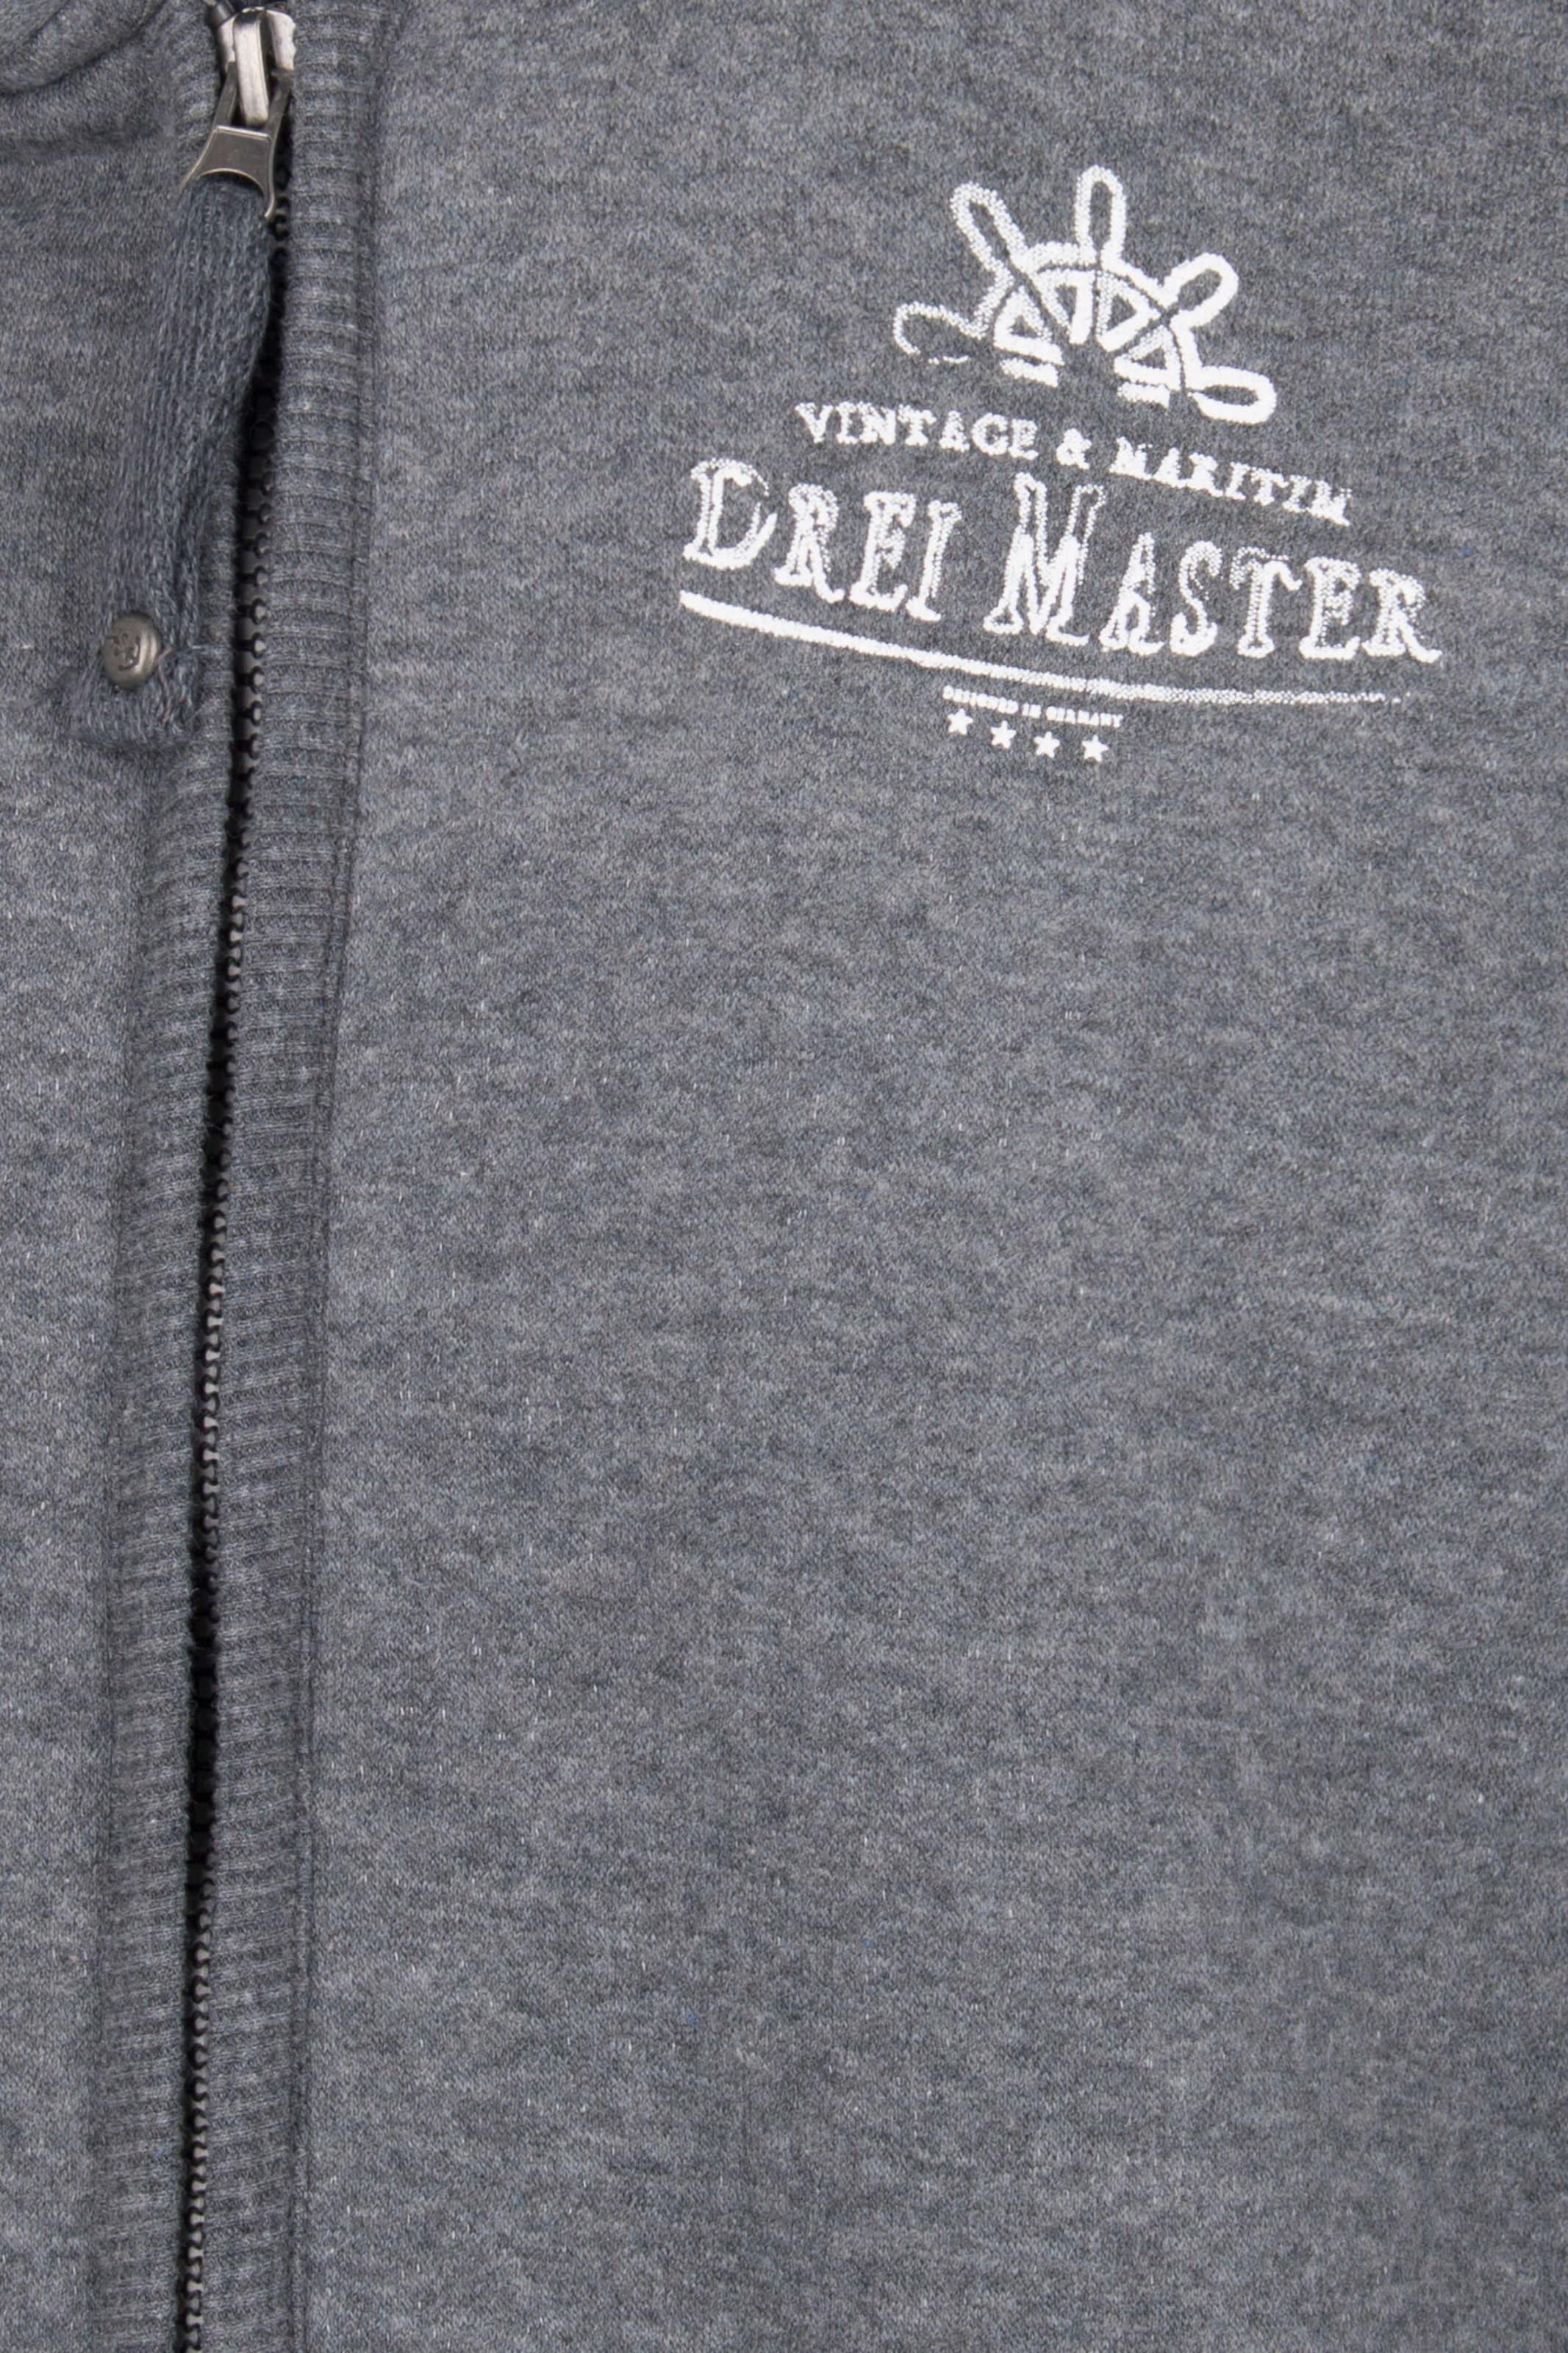 Grau In Sweatjacke In Dreimaster In Sweatjacke Grau Sweatjacke Dreimaster Dreimaster Grau hQdrtsC